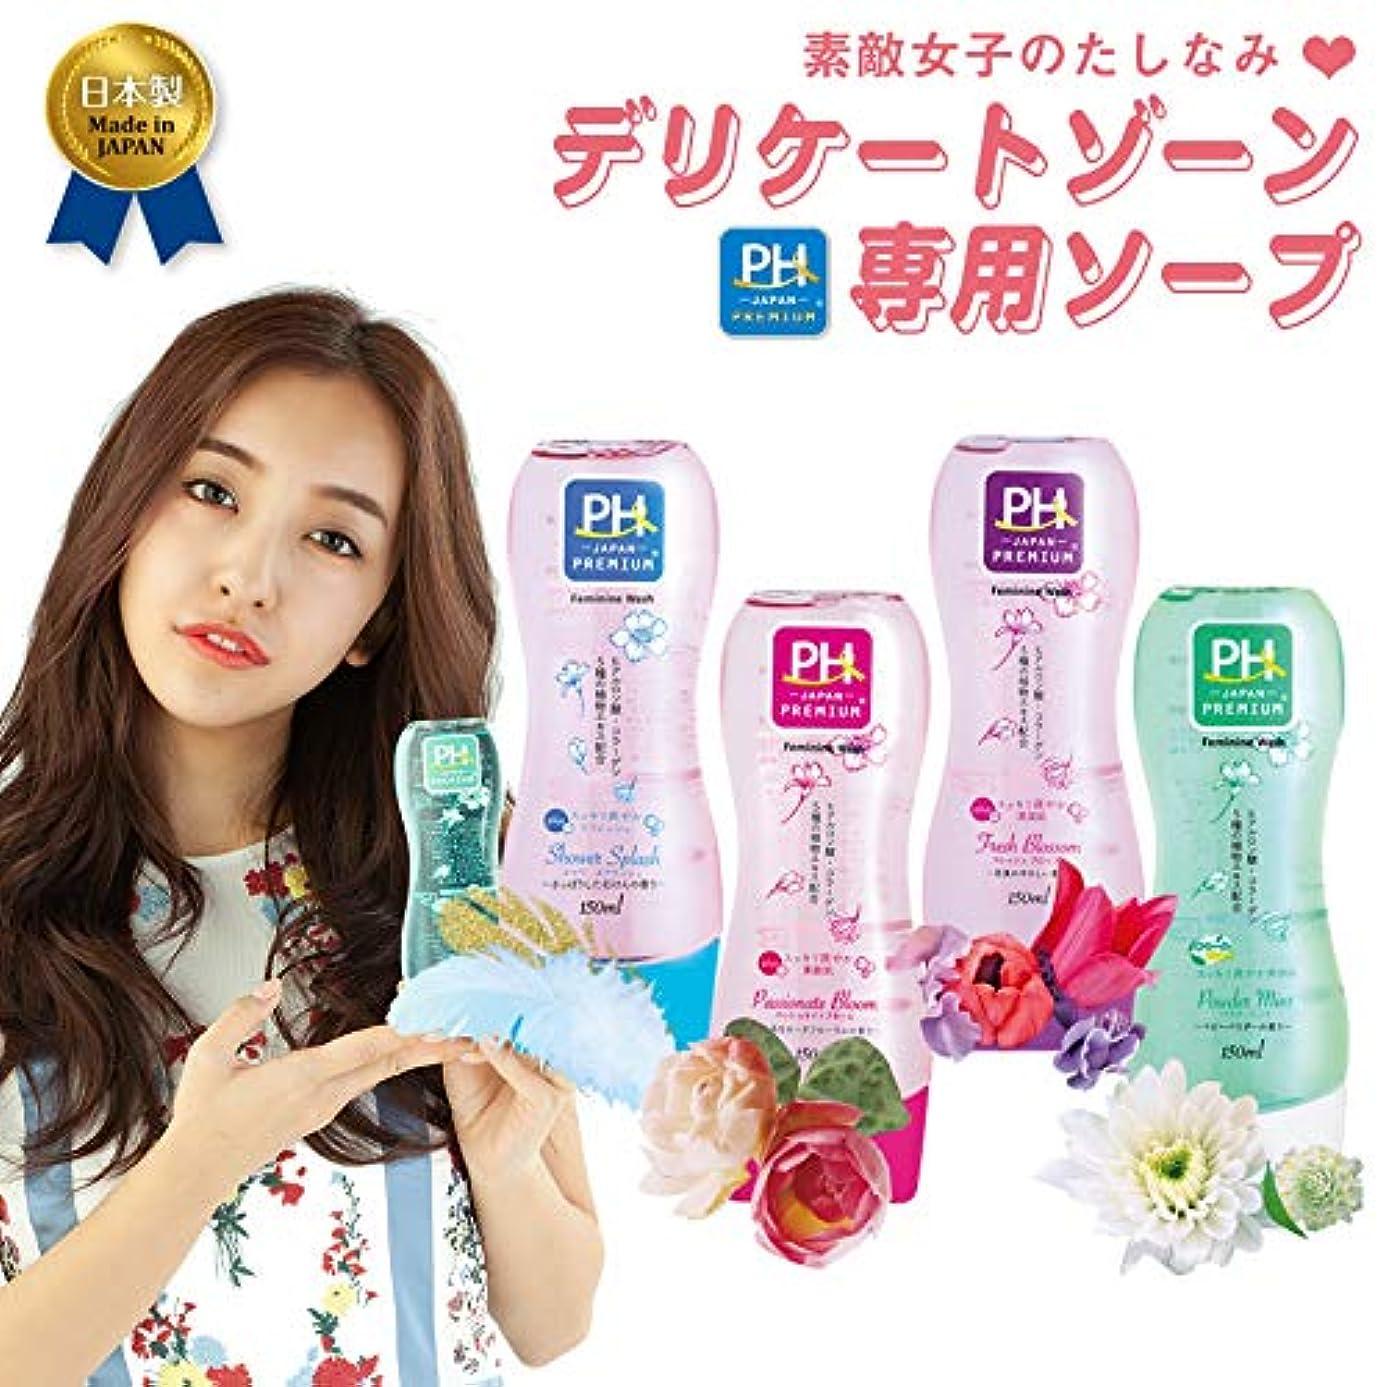 眠るバー医薬品シャワースプラッシュ4本セット PH JAPAN フェミニンウォッシュ